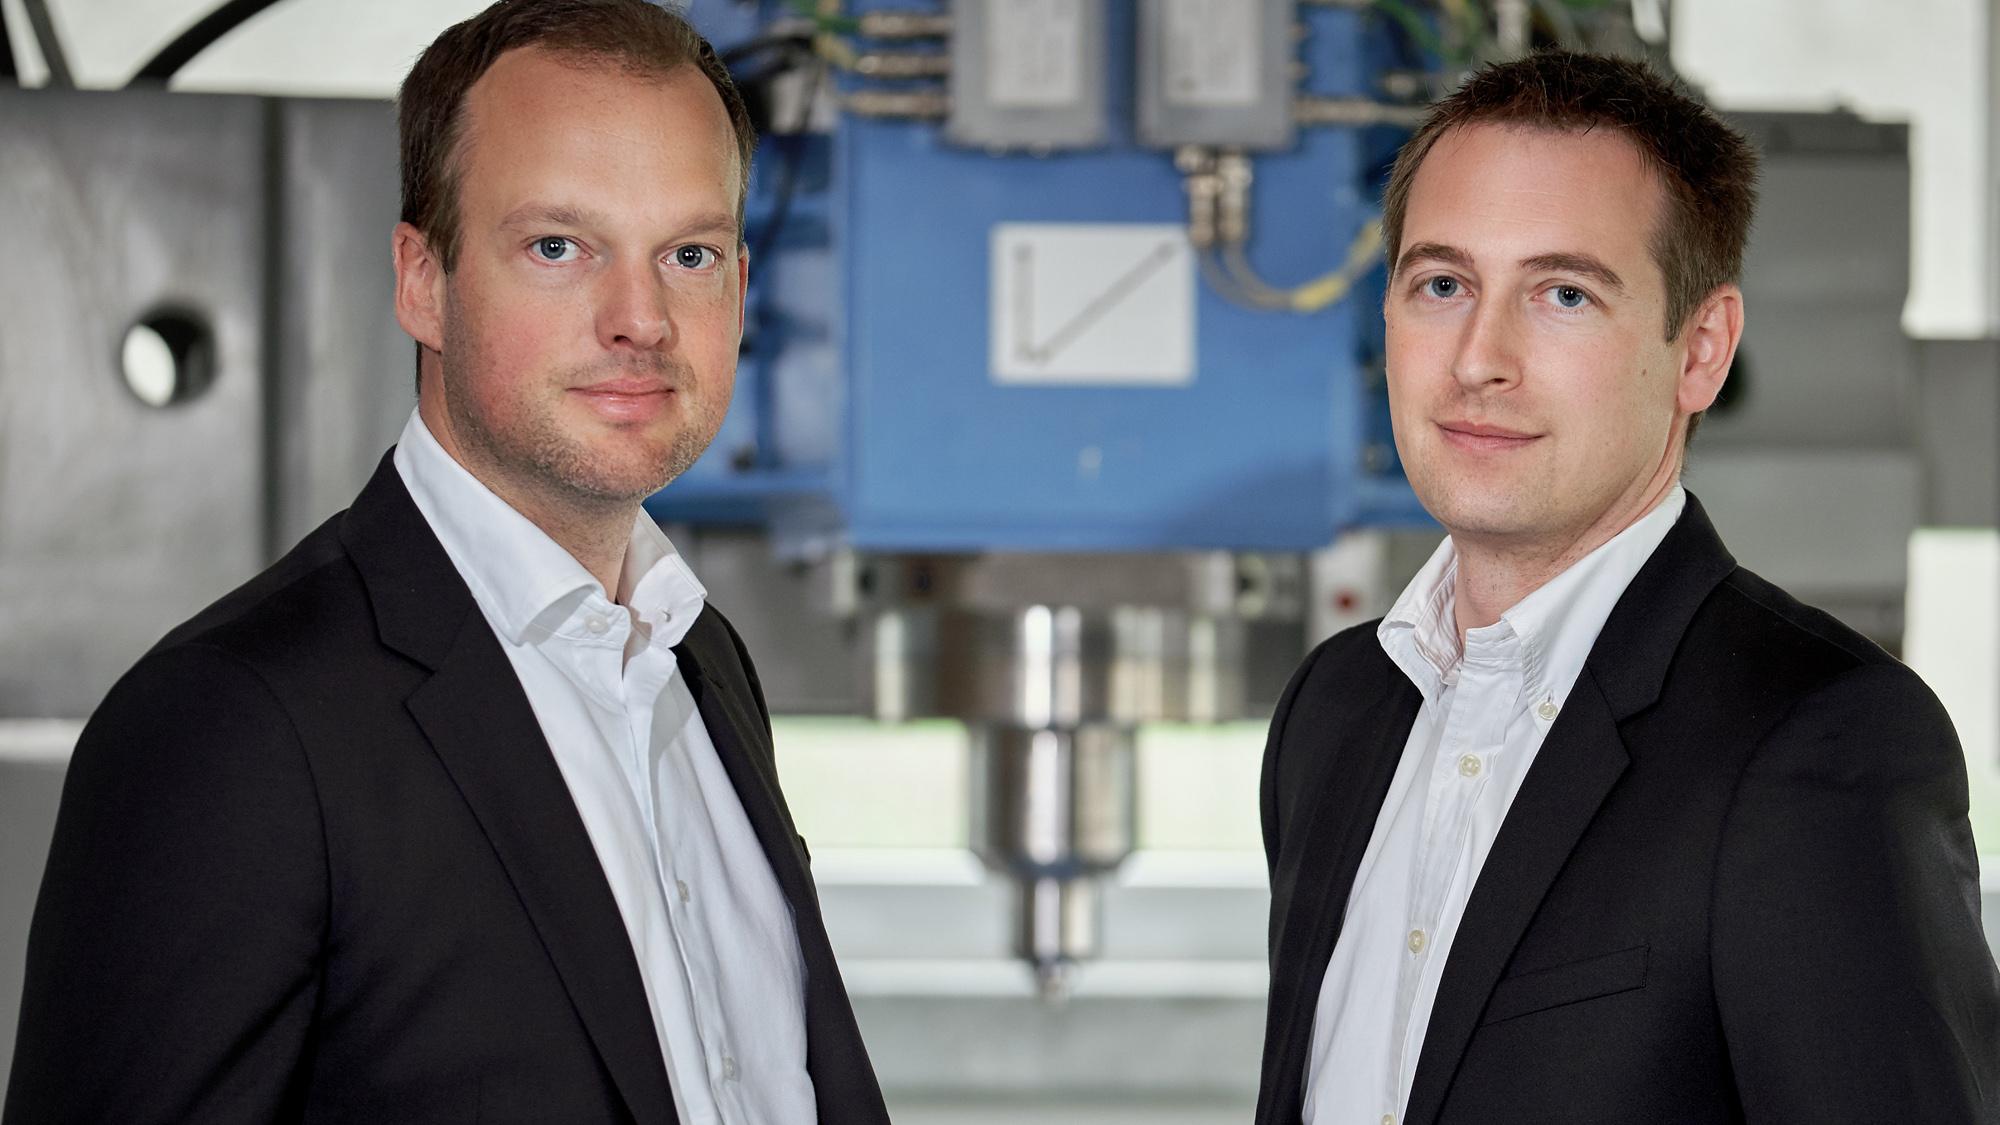 Stirtec Gründer Thomas Weinberger und Gunter Figner © Stirtec